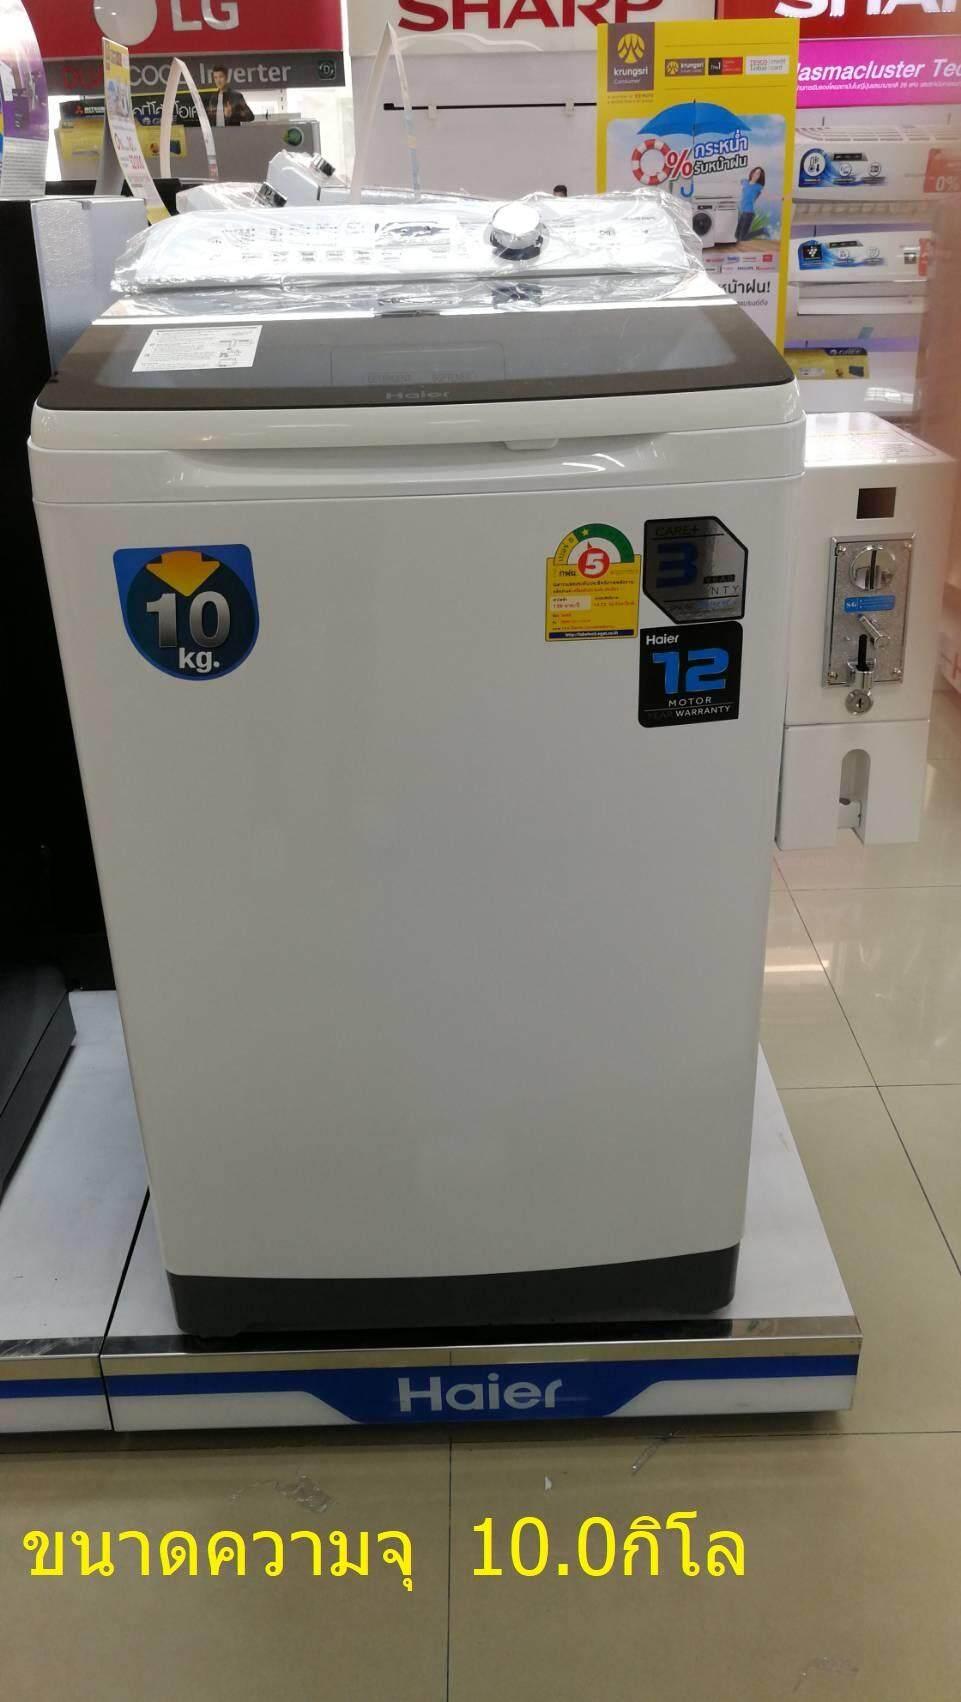 ส่งฟรี Haier เครื่องซักผ้าฝาบน Vortex Flow  ติดหยอดเหรียญจากโรงงาน ขนาด 10.0 kg.รับประกัน 1ปี ทั้งเครื่องและกล่อง